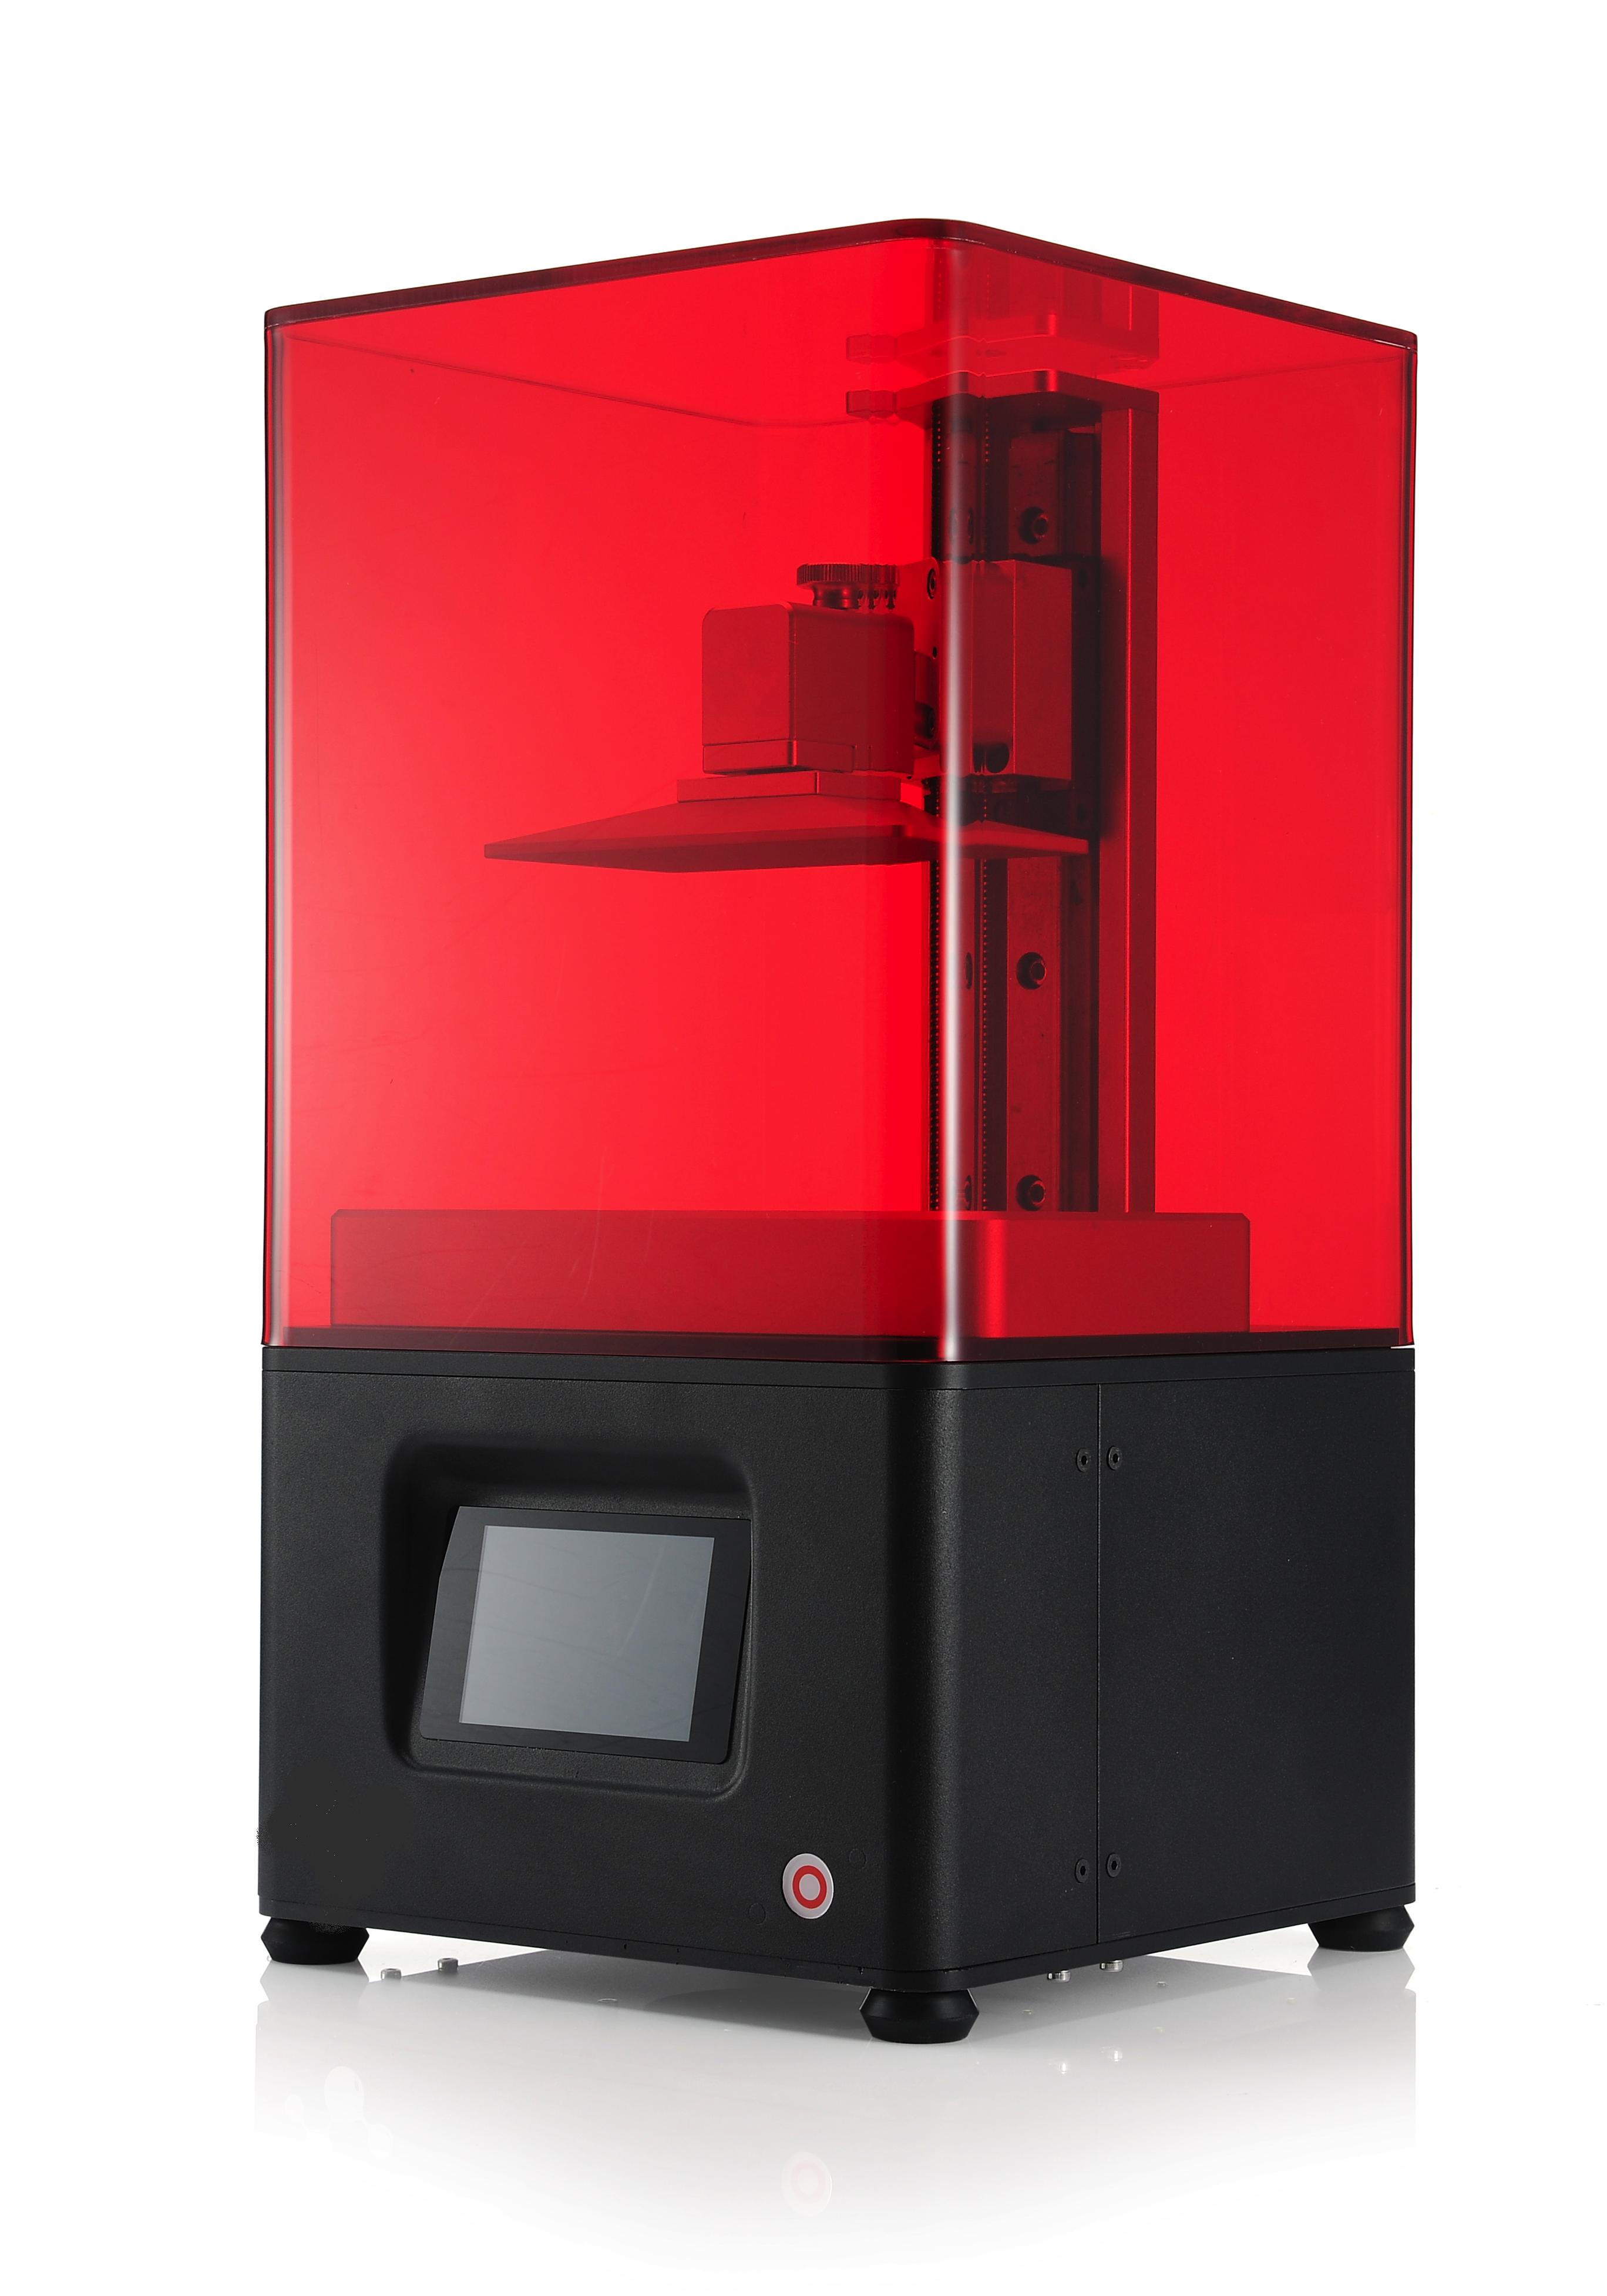 Imprimante-3D-DLP-Shape1